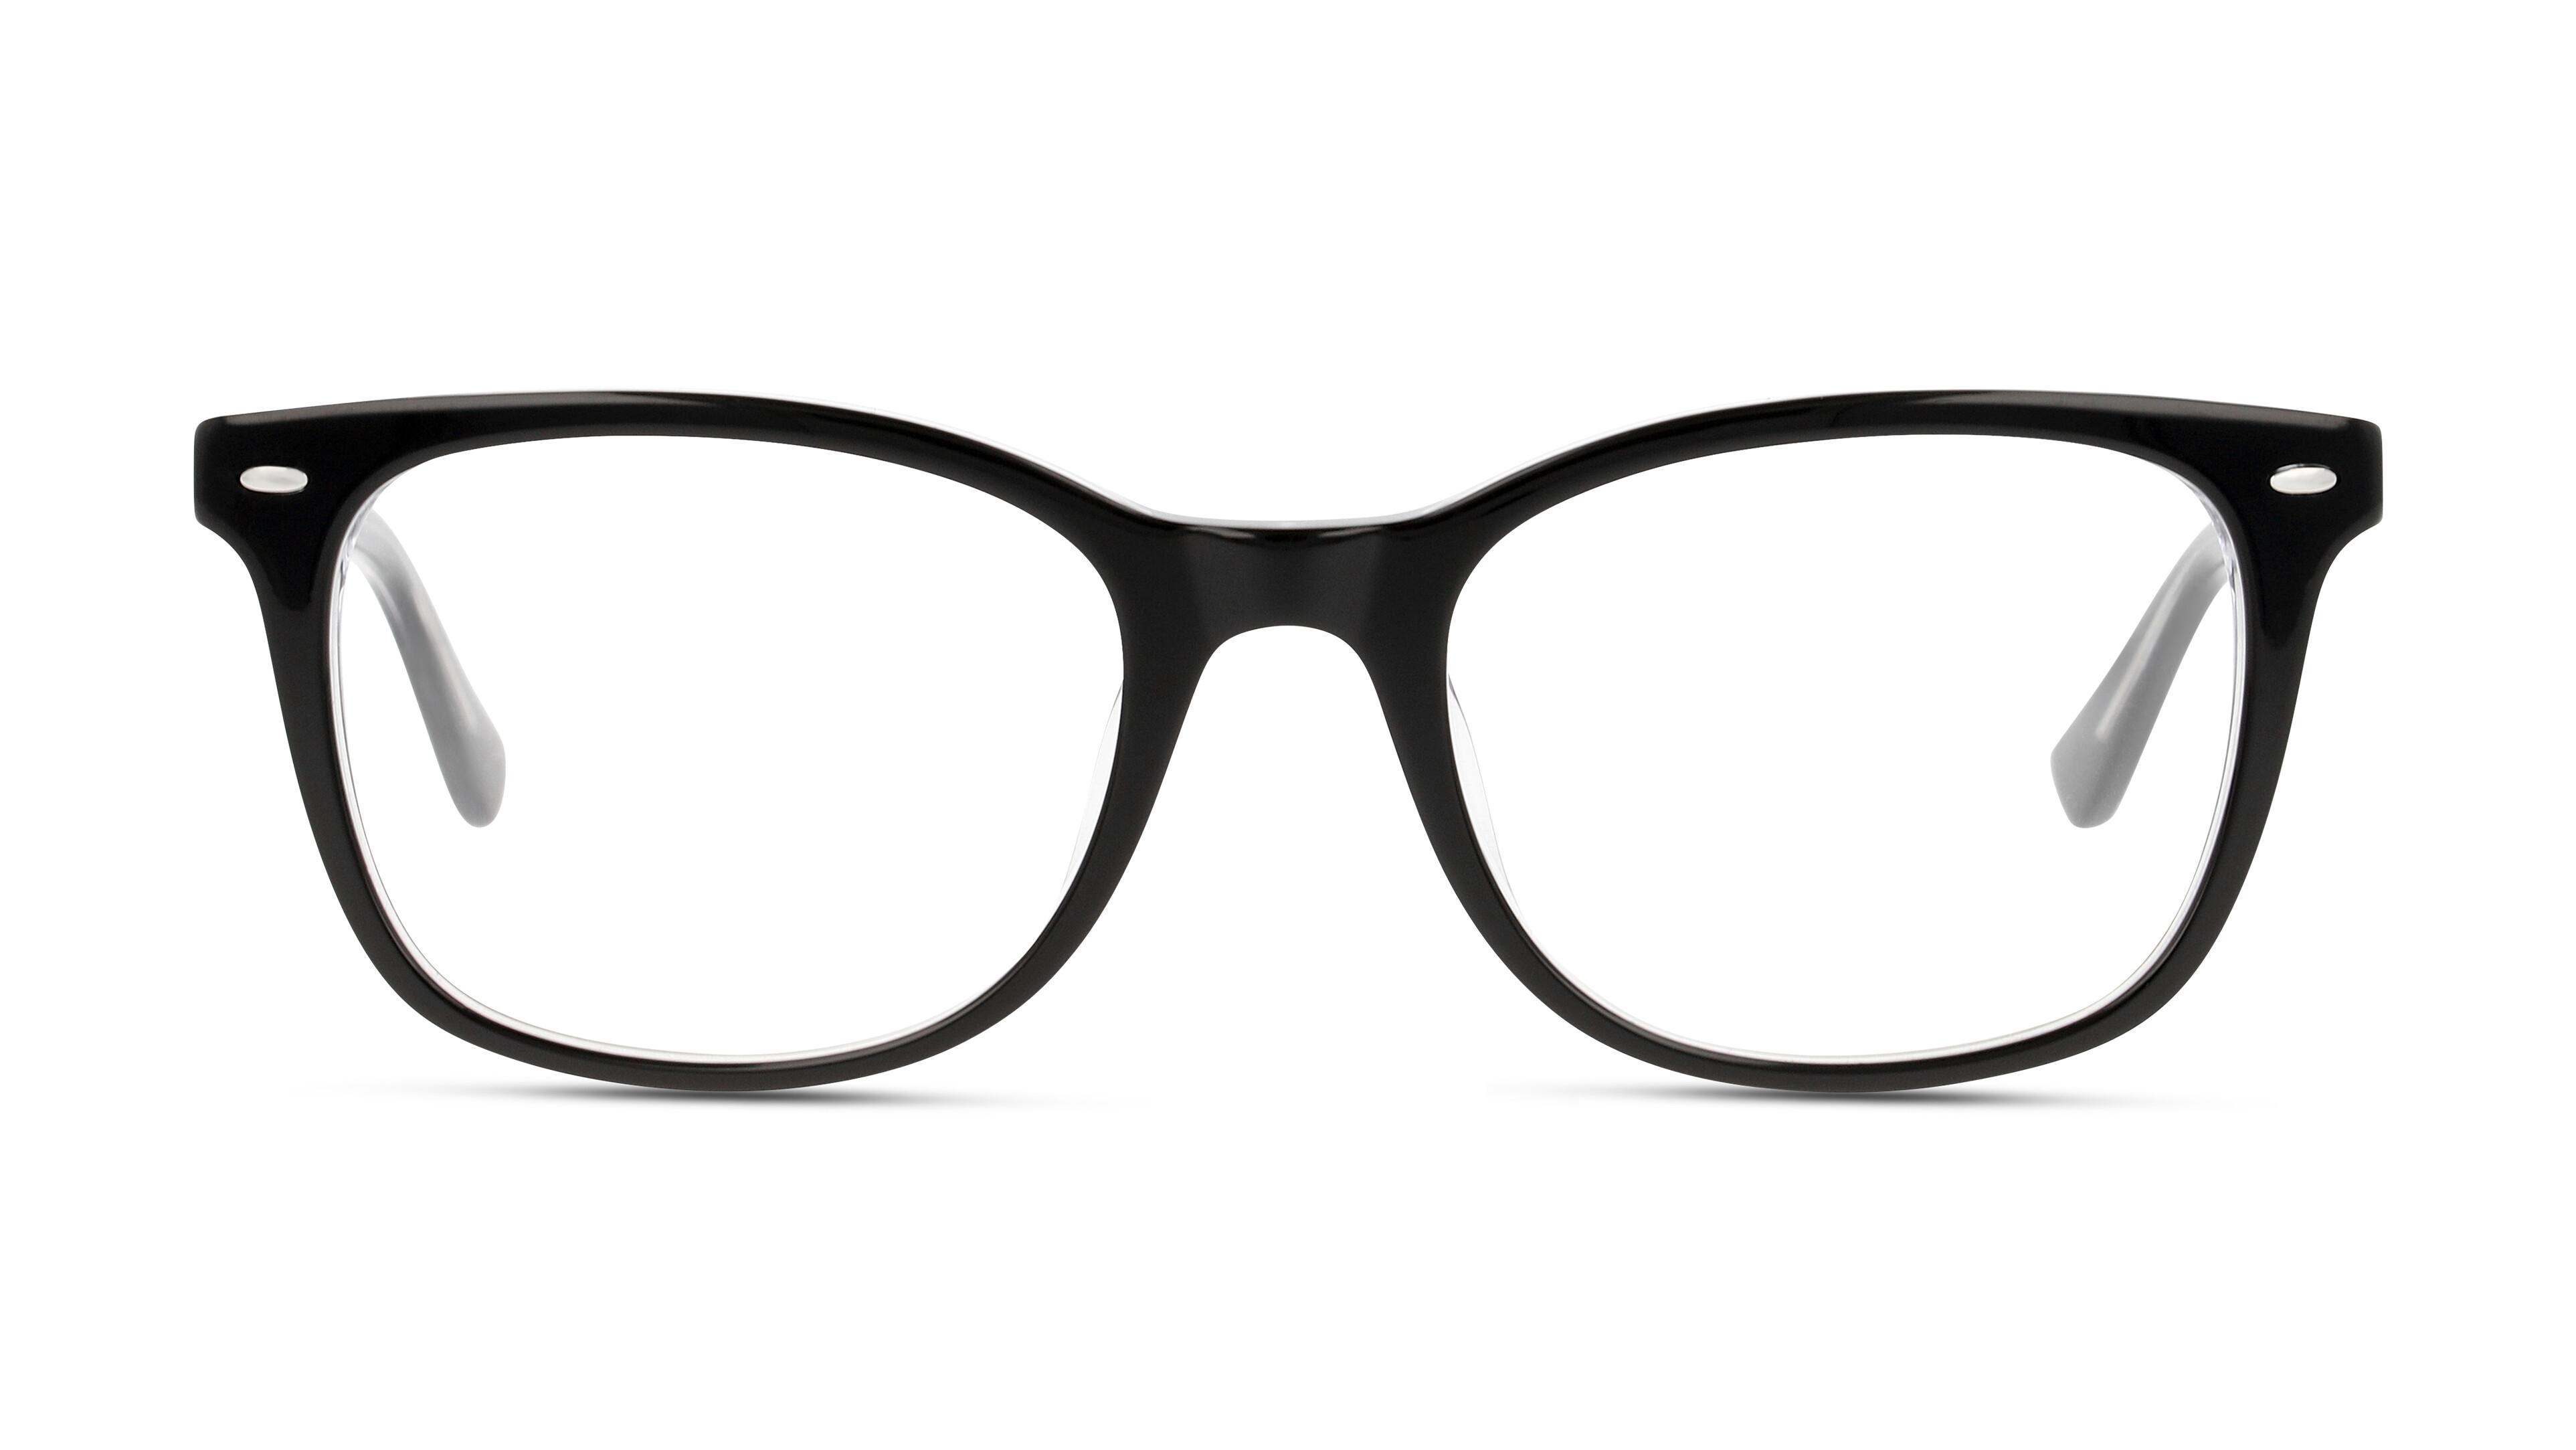 8719154734908-front-brillenfassung-unofficial-unof0018-black-other